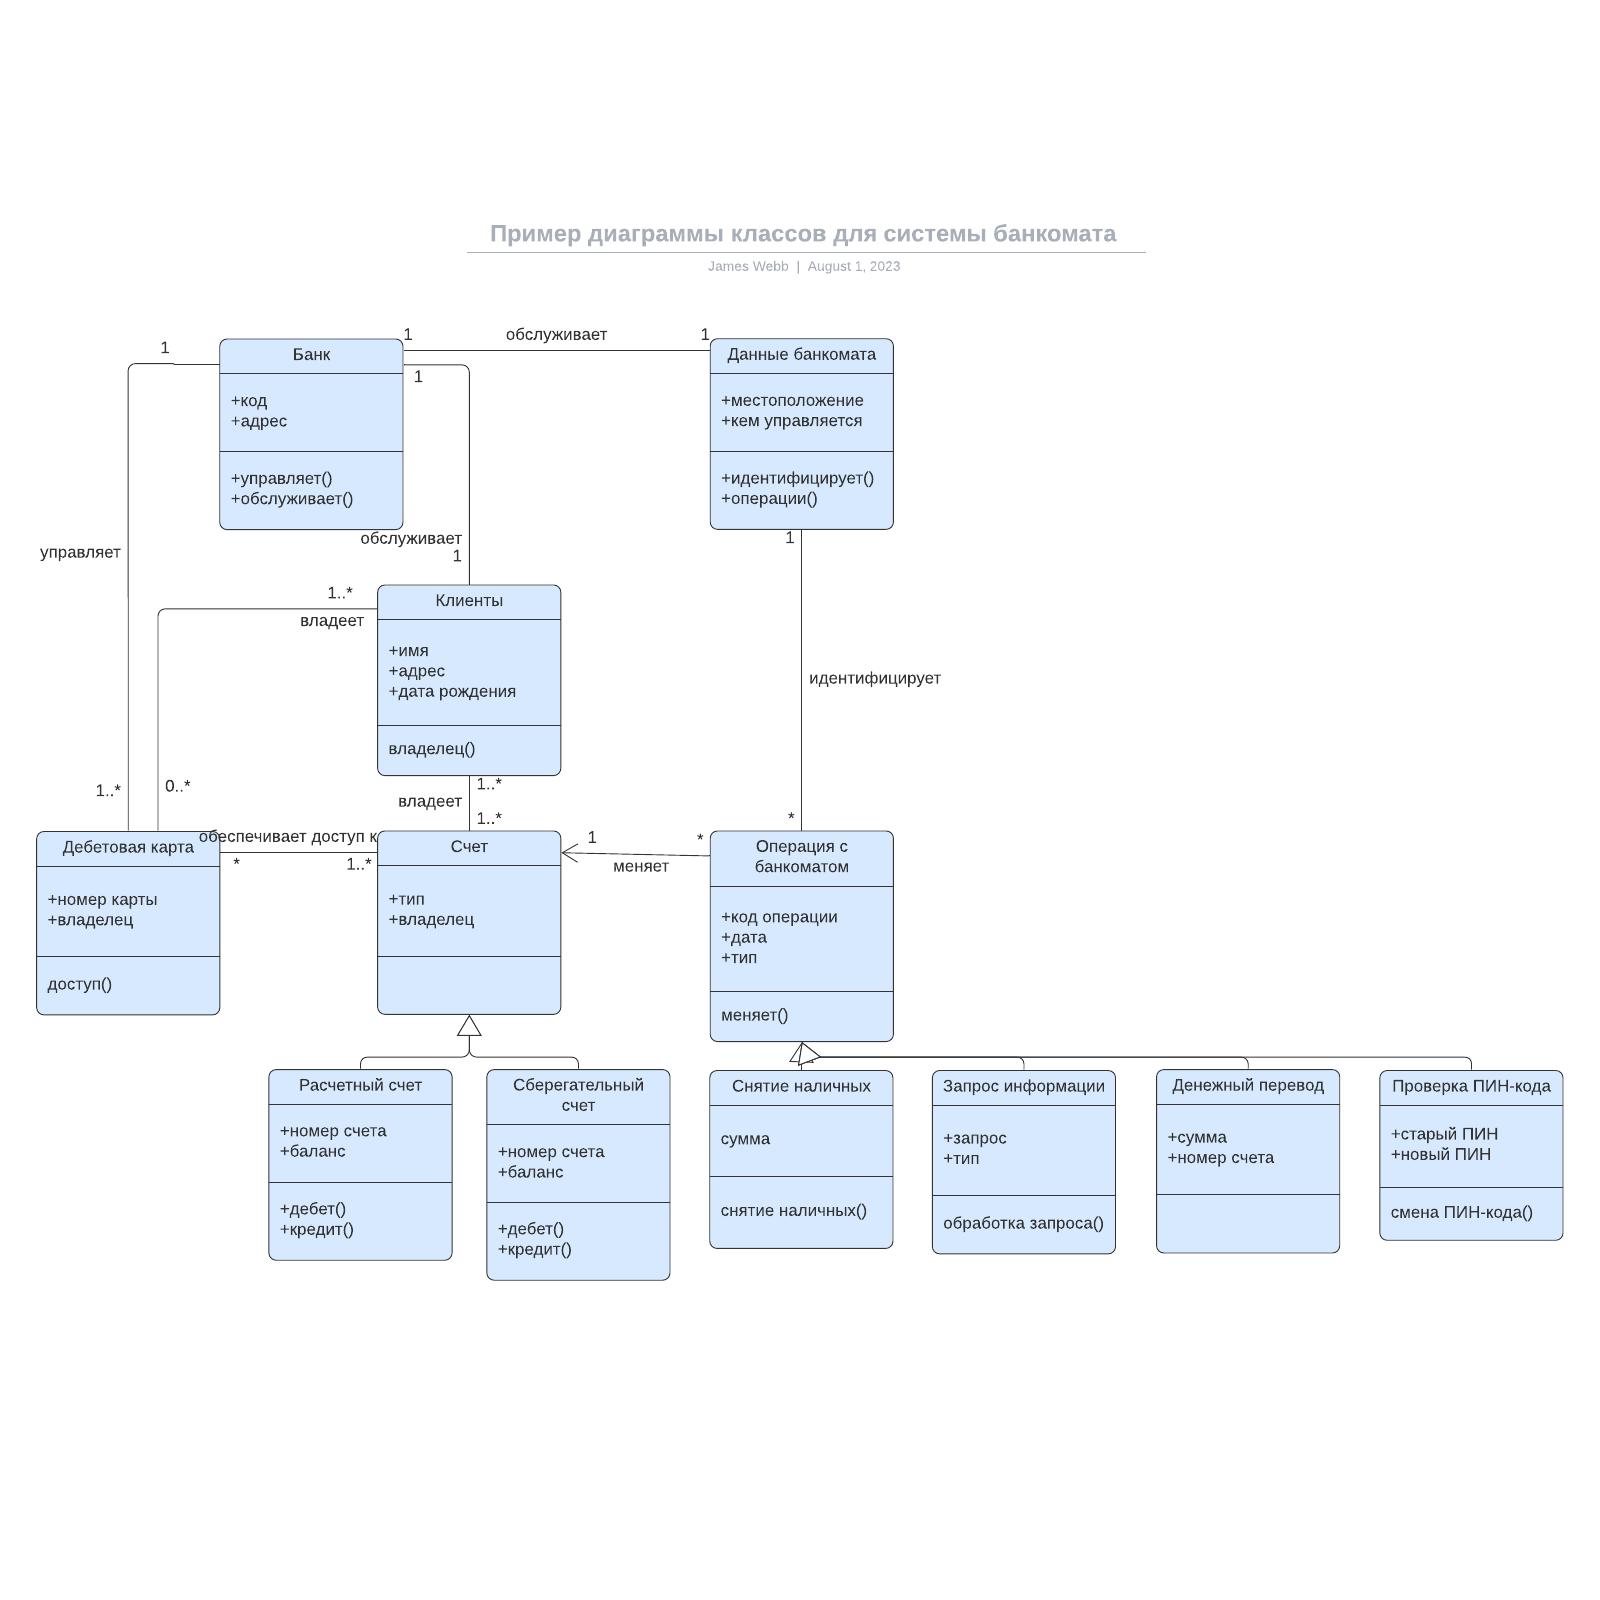 Пример диаграммы классов для системы банкомата